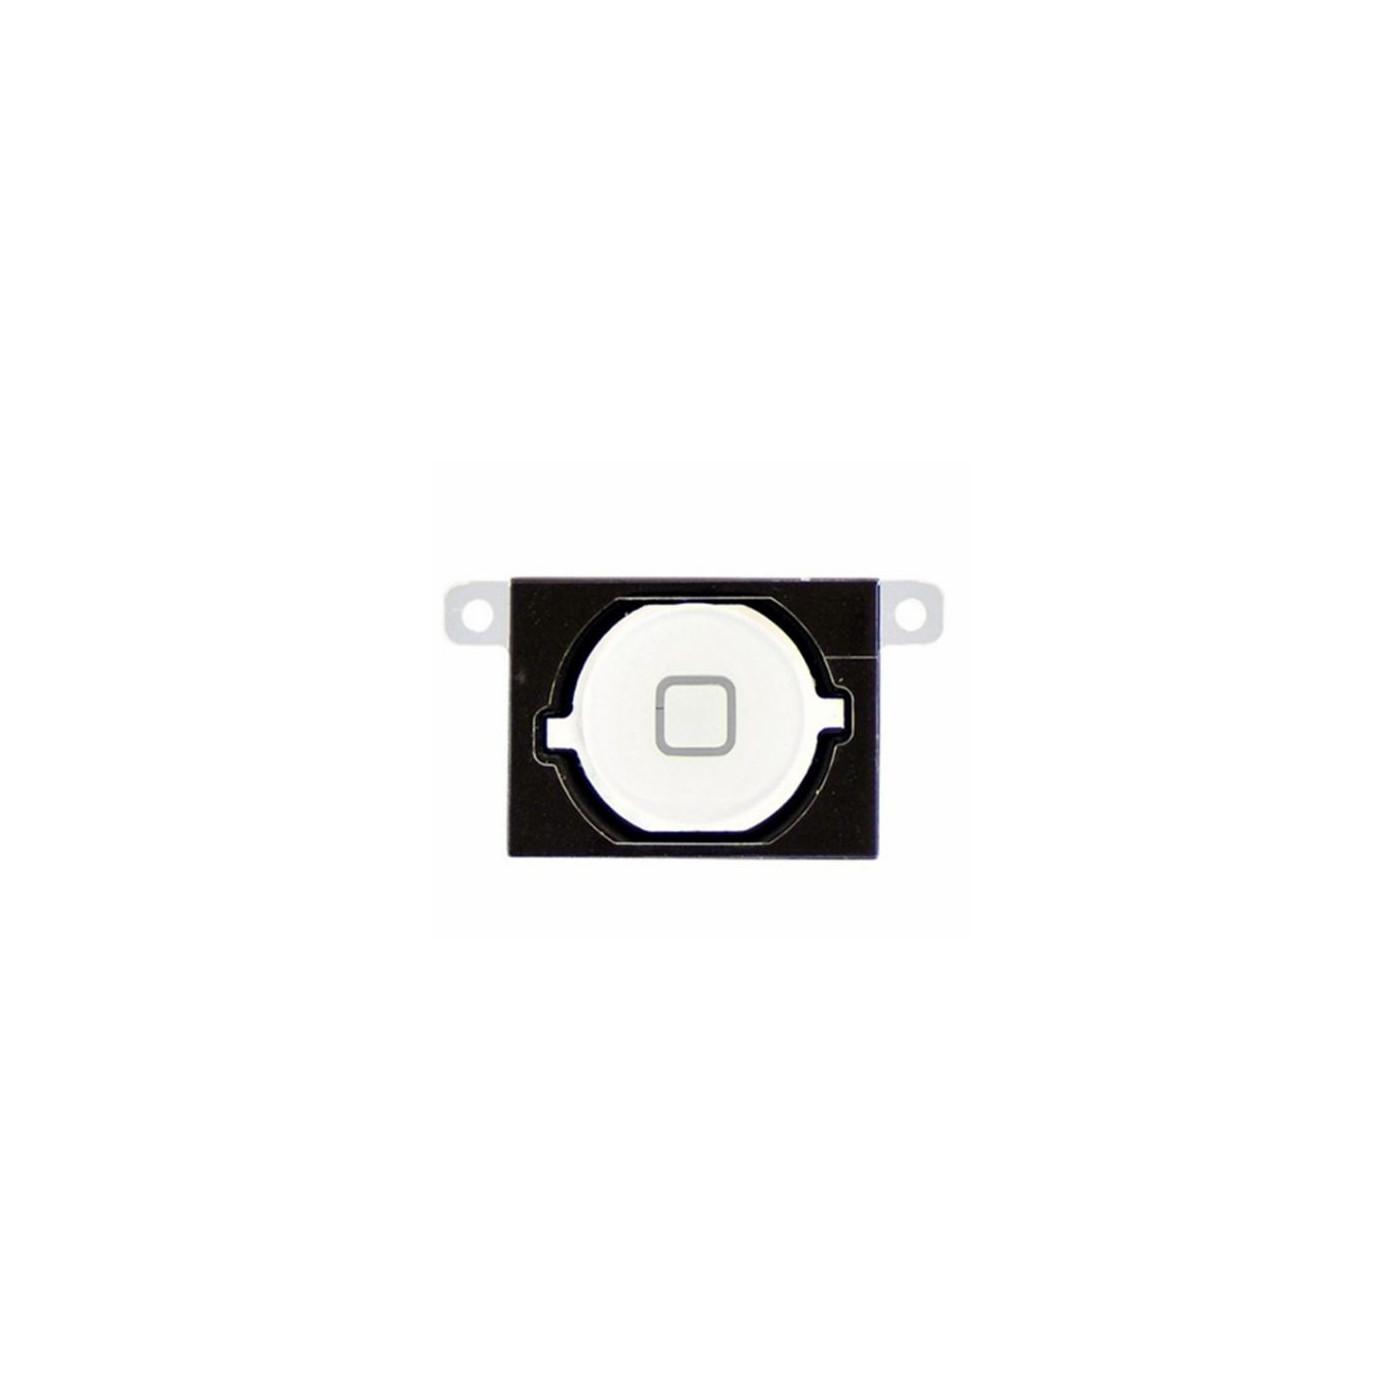 Knopfknopf-Taste der Hauptknopf weißen Knopfmitte für Apple iphone 4s